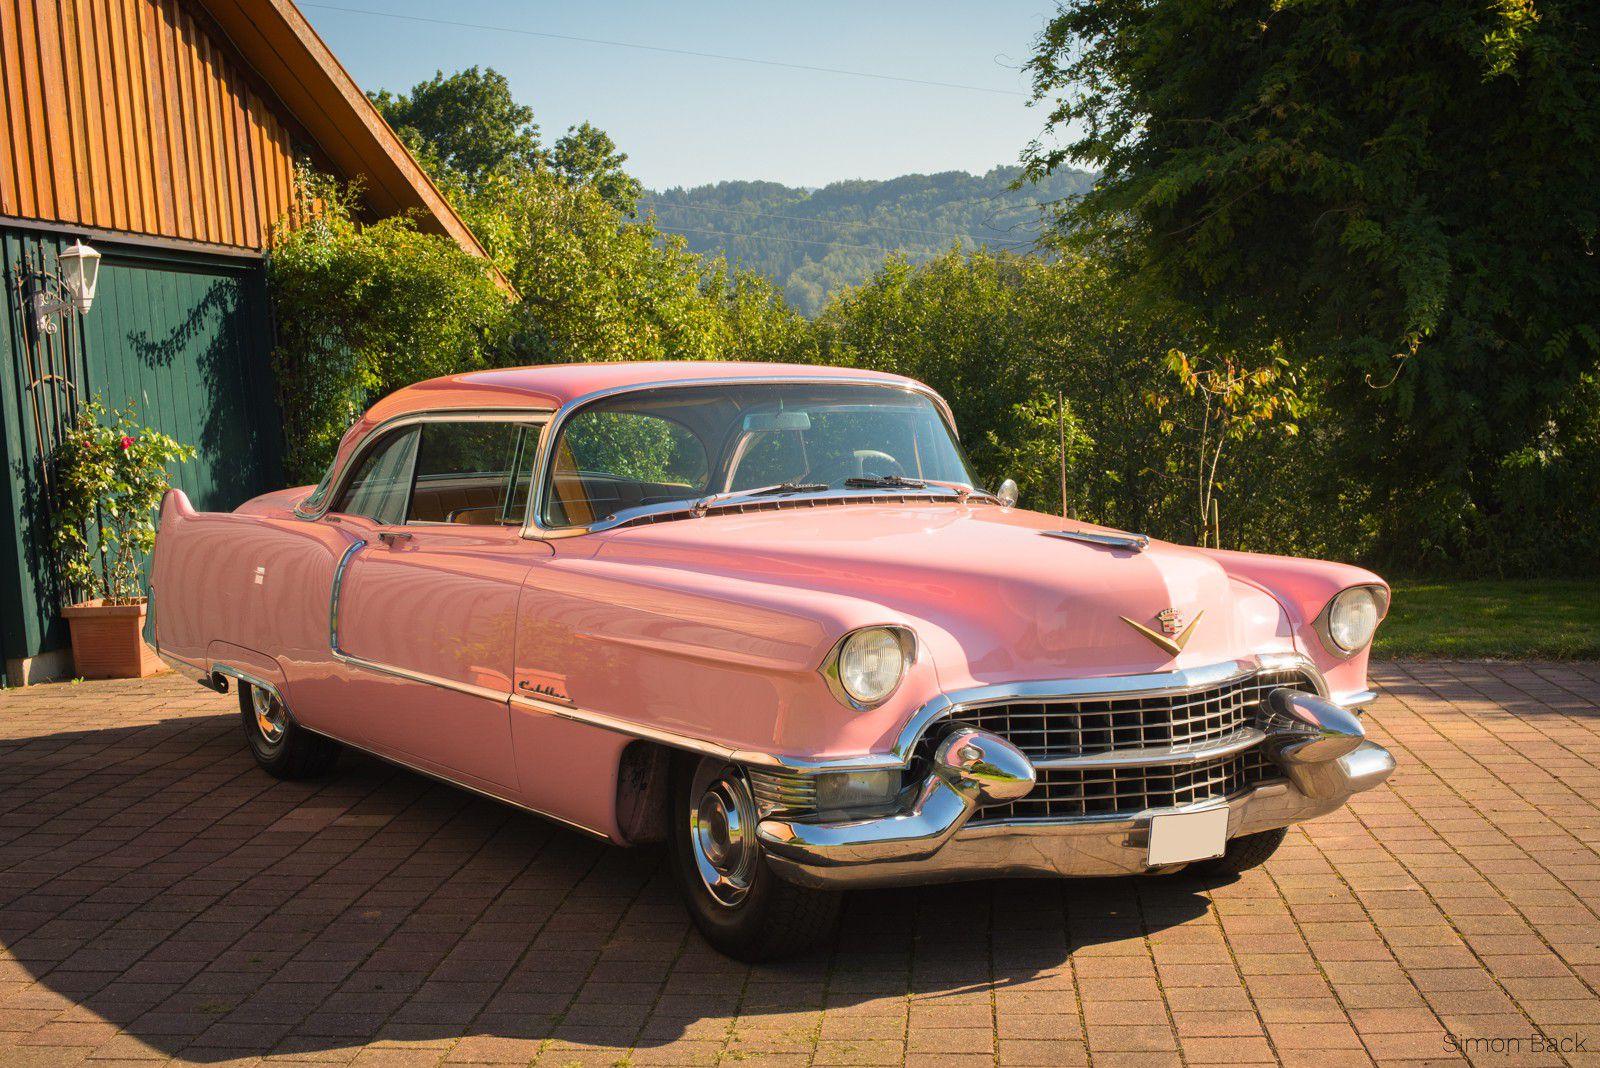 Cadillac Coupe DeVille - Der Cadillac von außen in voller Pracht